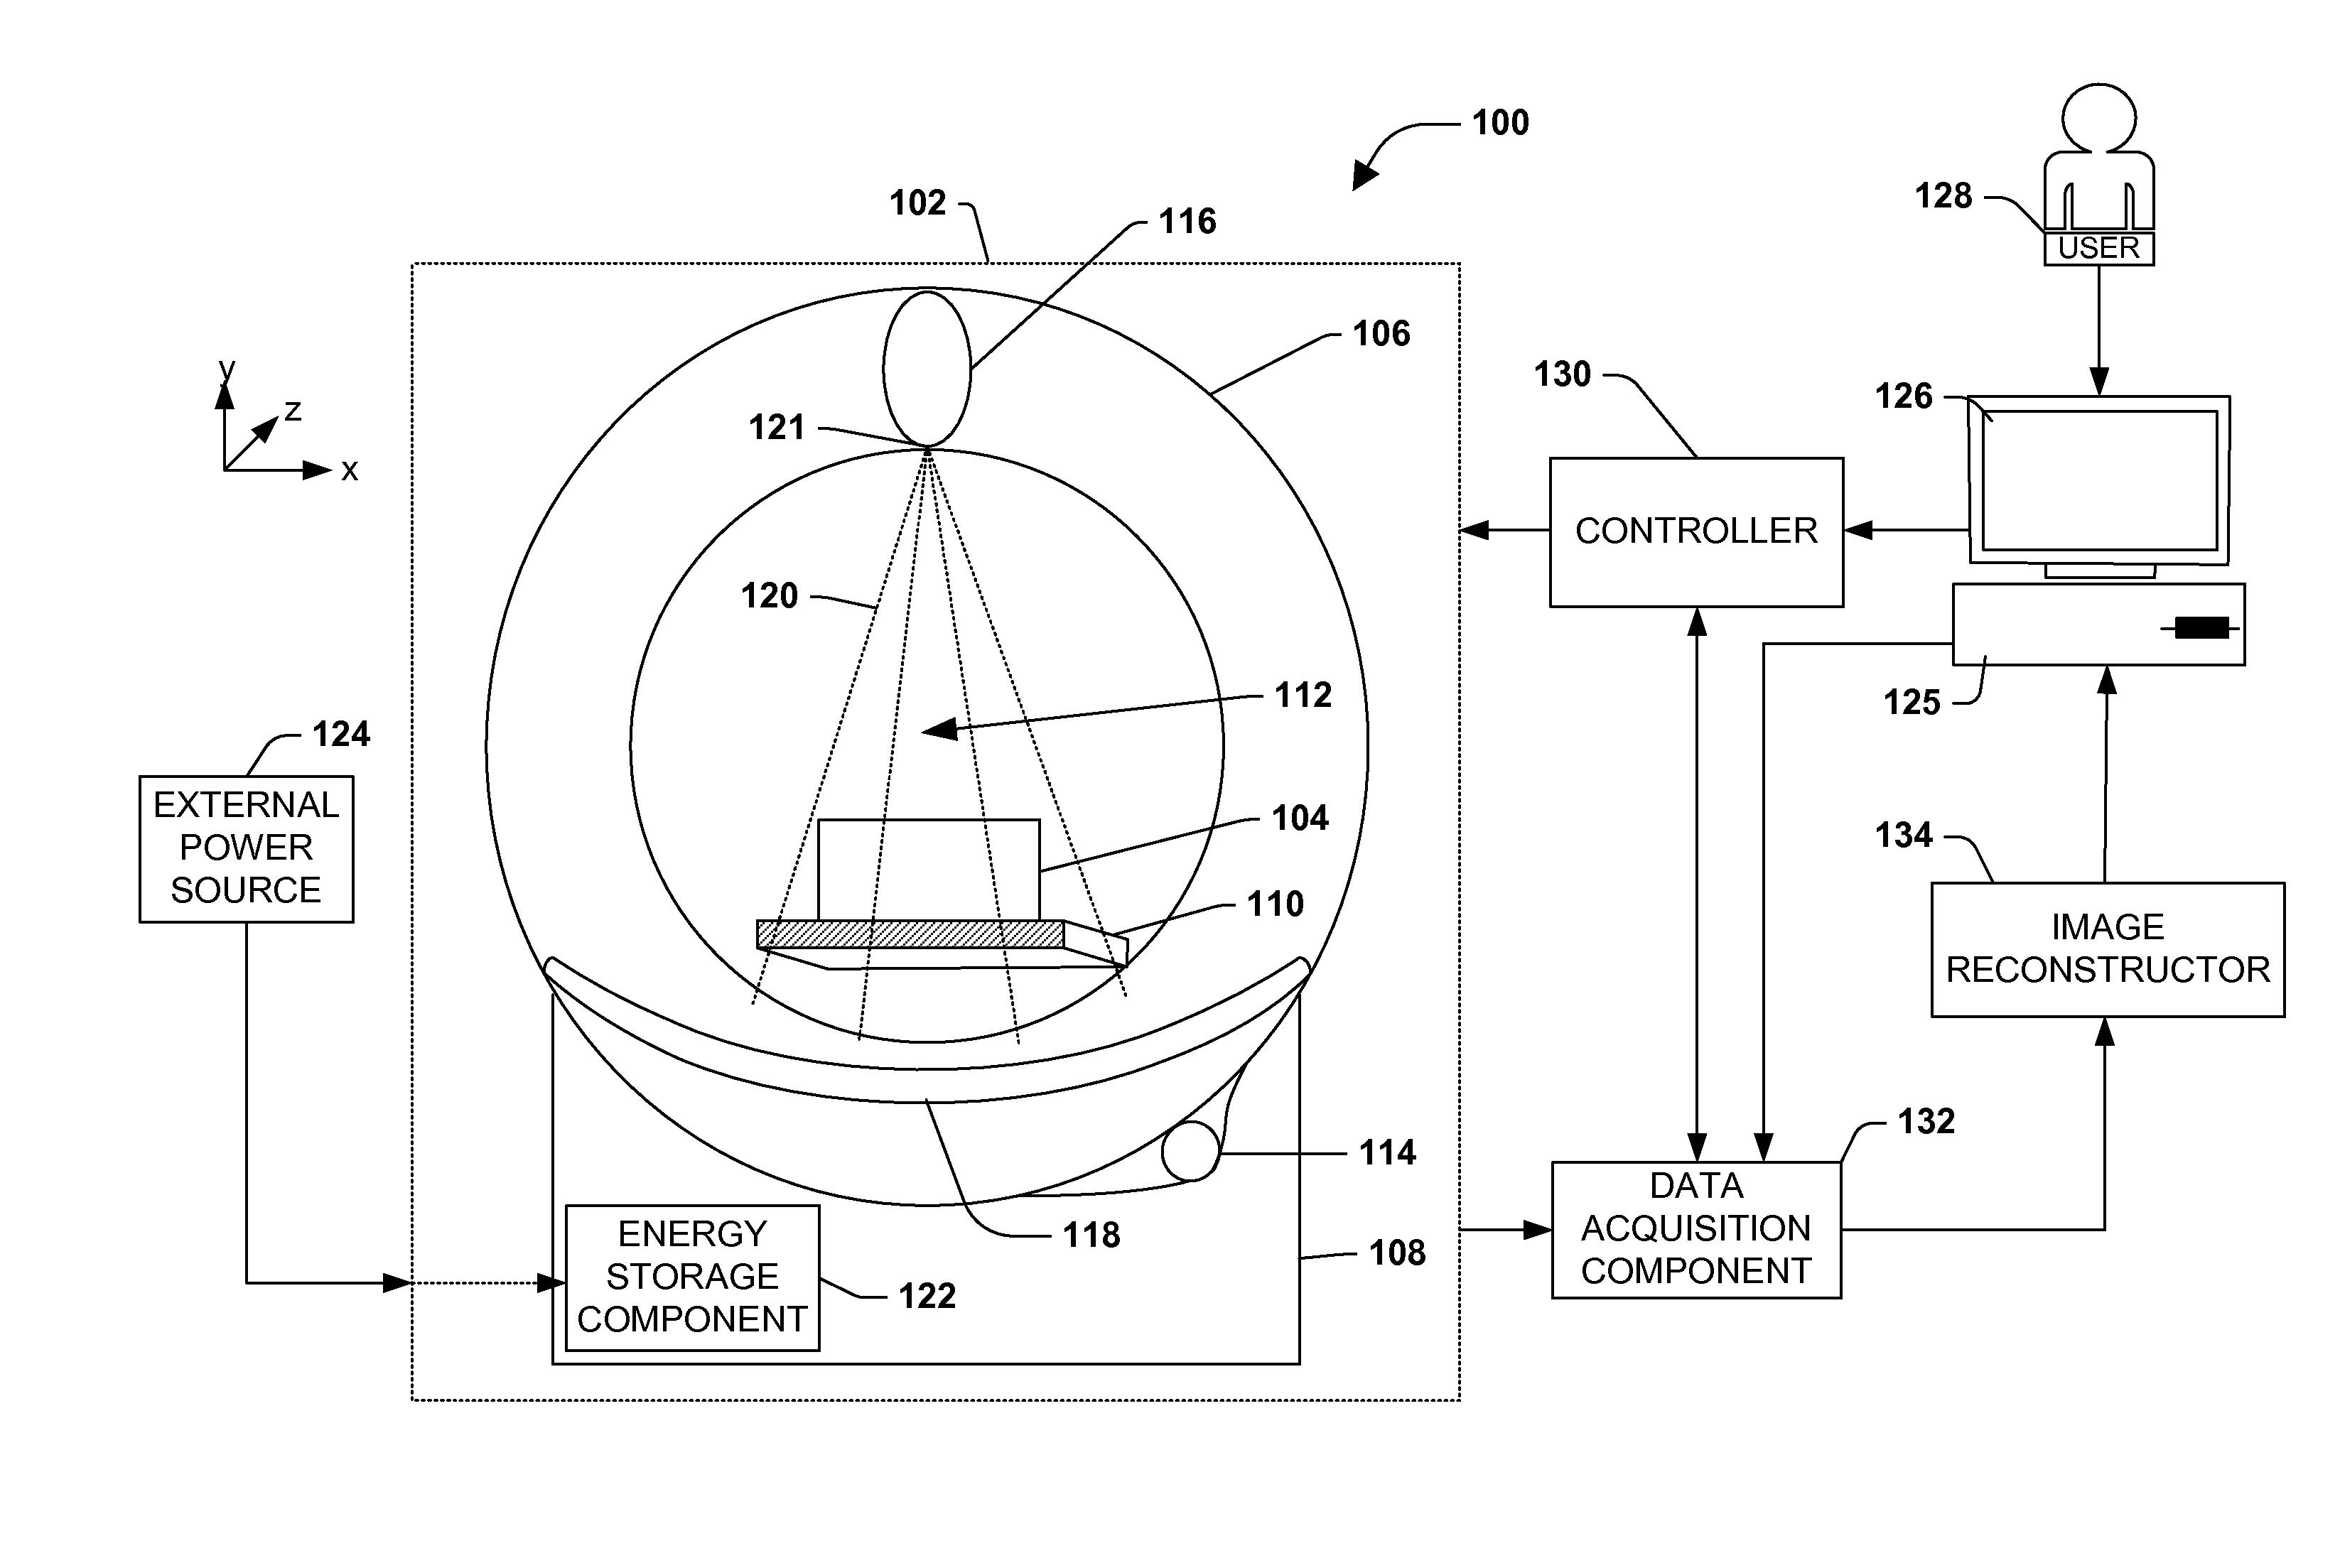 on dayton g73 wiring diagram